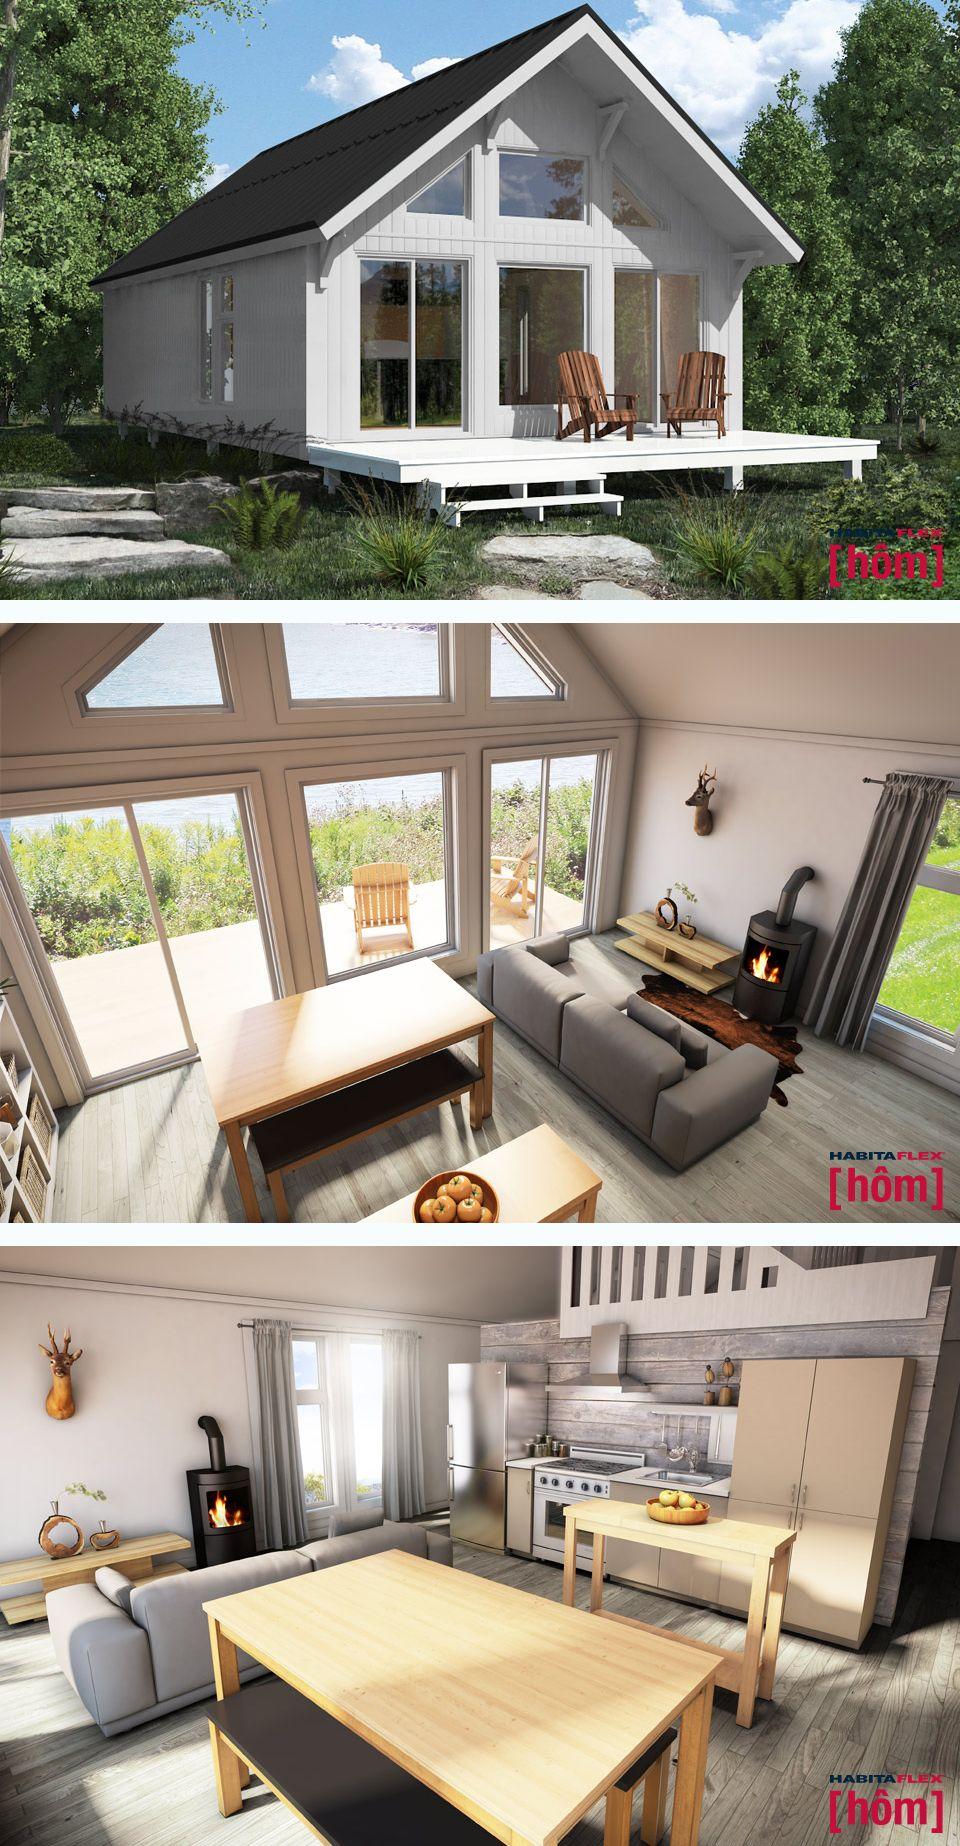 Habitaflex Concept Inc Montmagny Quebec Canada 100 Prefabricated 100 Optimized Requires No Construction Avec Images Maison Prefabriquee Maison Petite Maison Bois